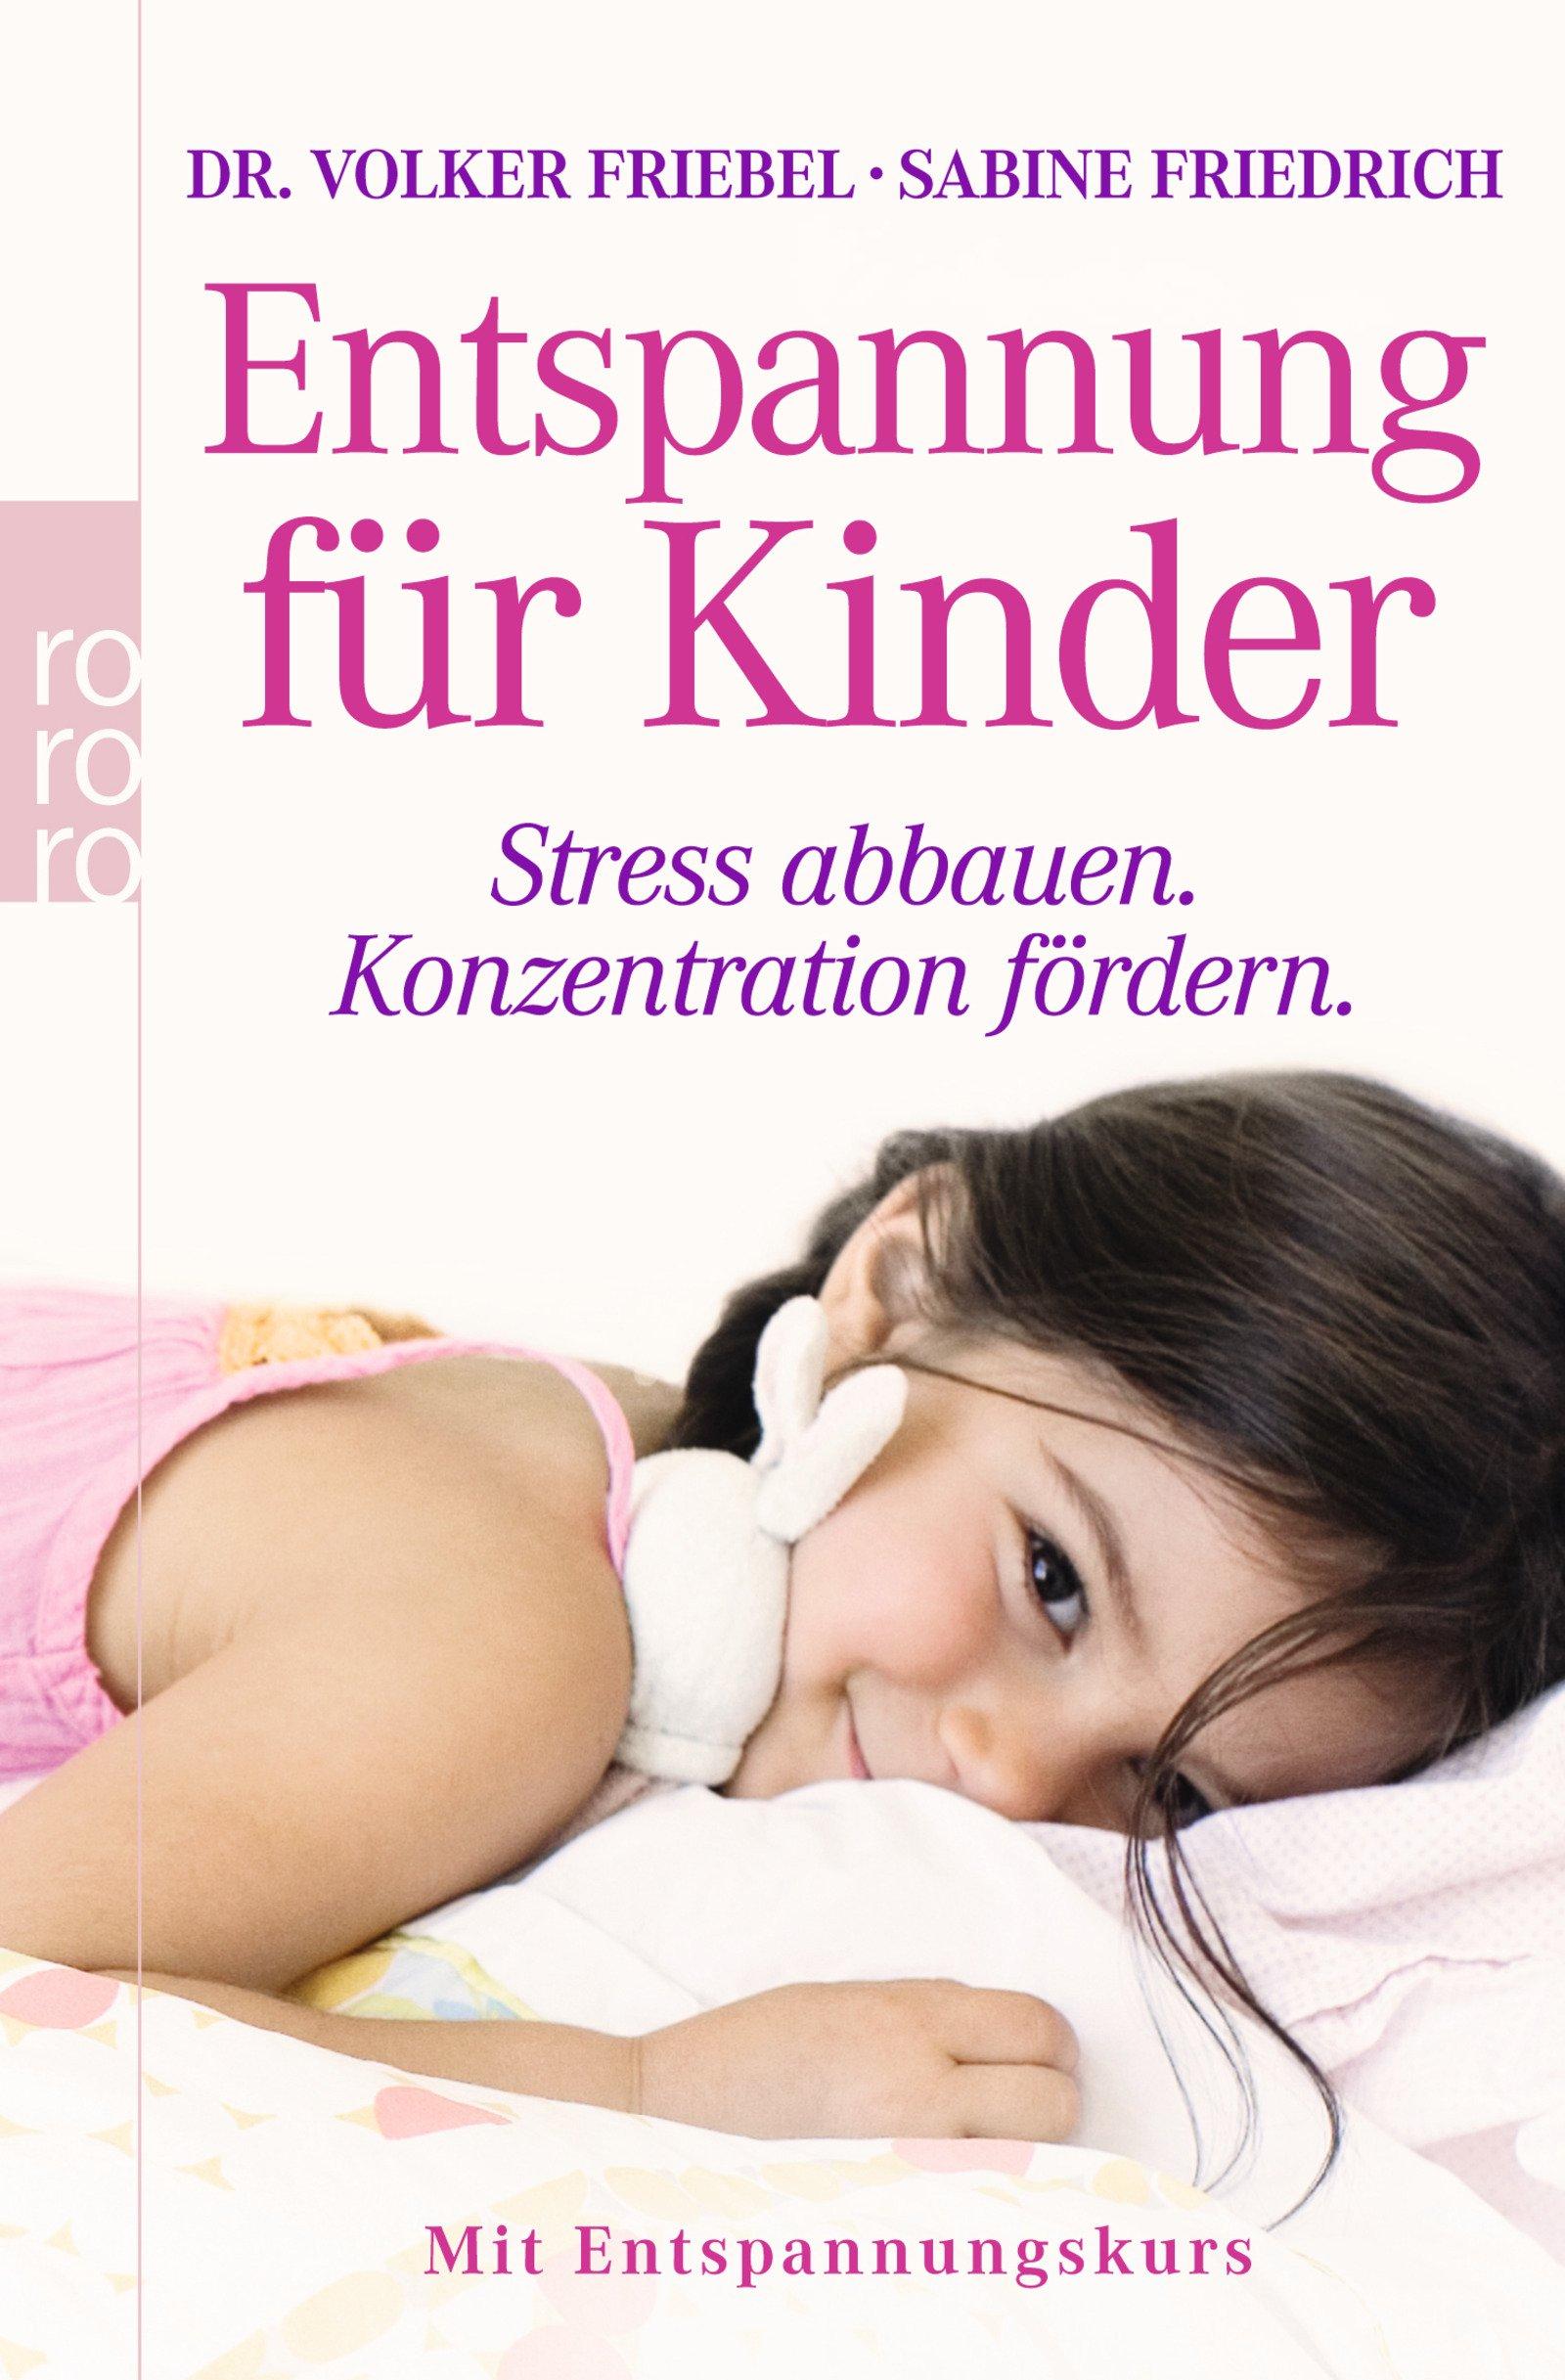 Entspannung für Kinder: Stress abbauen - Konzentration fördern (mit Entspannungskurs)